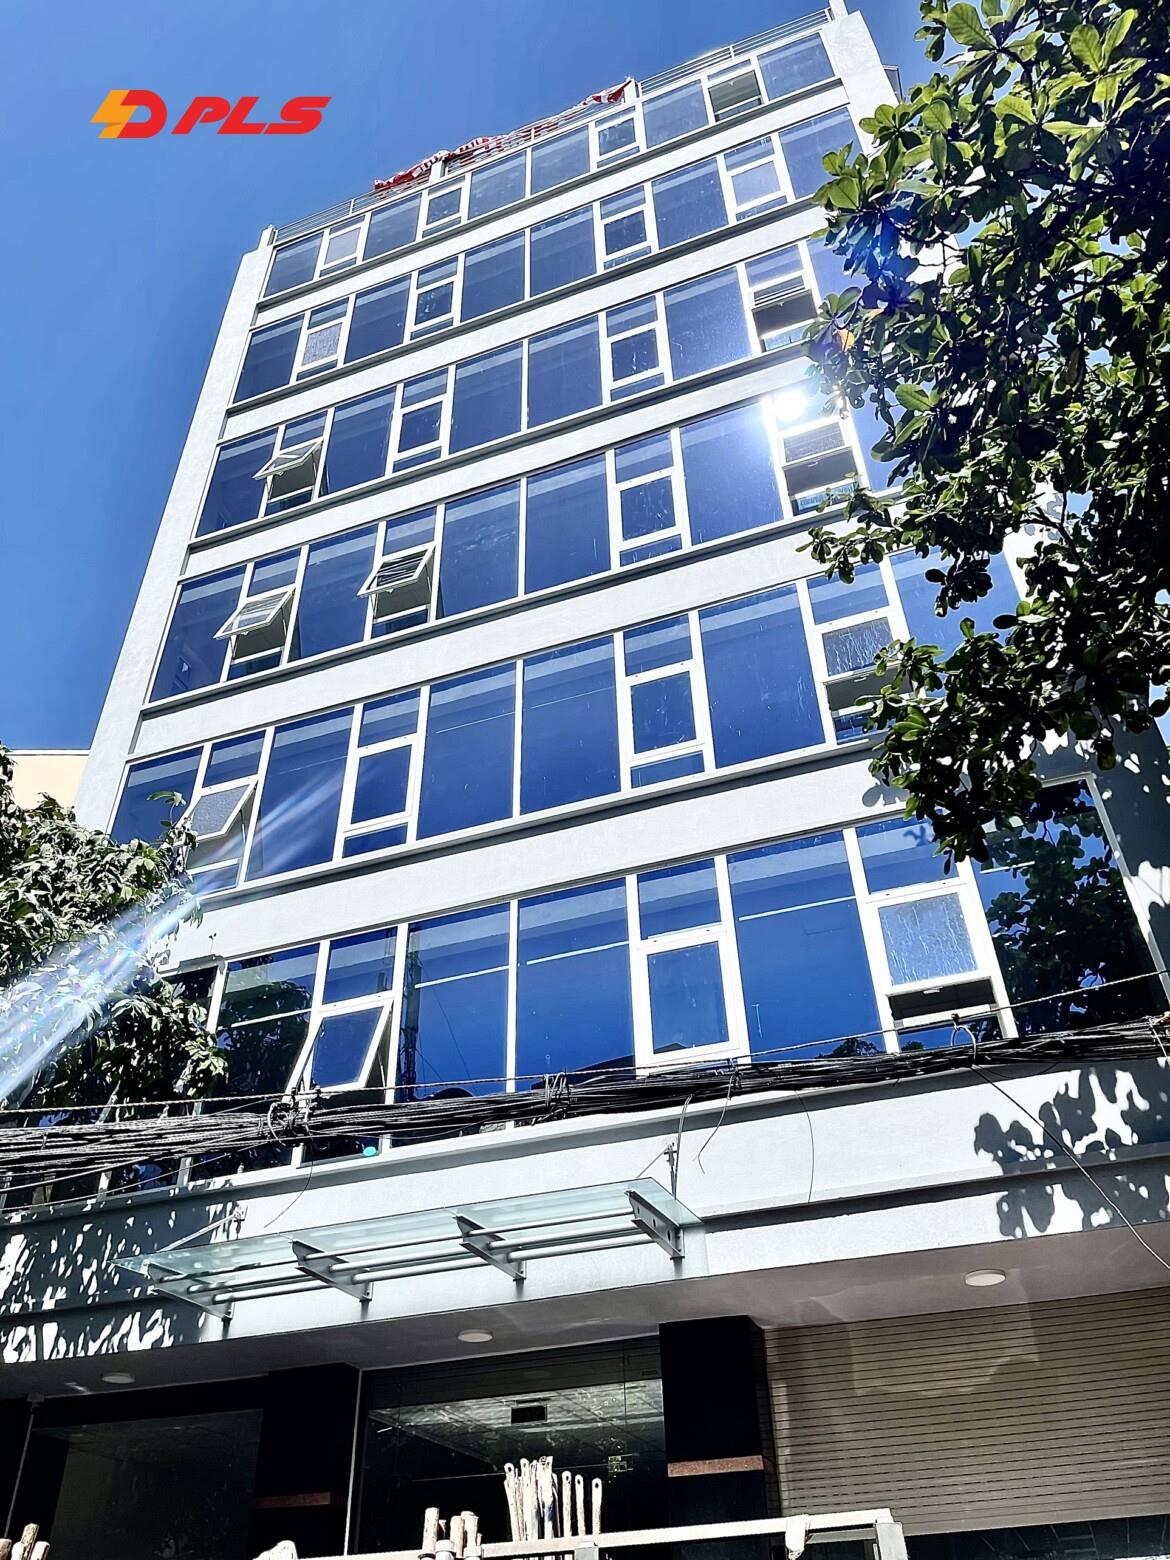 pls-building-nguyen-dinh-chinh-quan-phu-nhuan-van-phong-cho-thue-tphcm-5real.vn-02